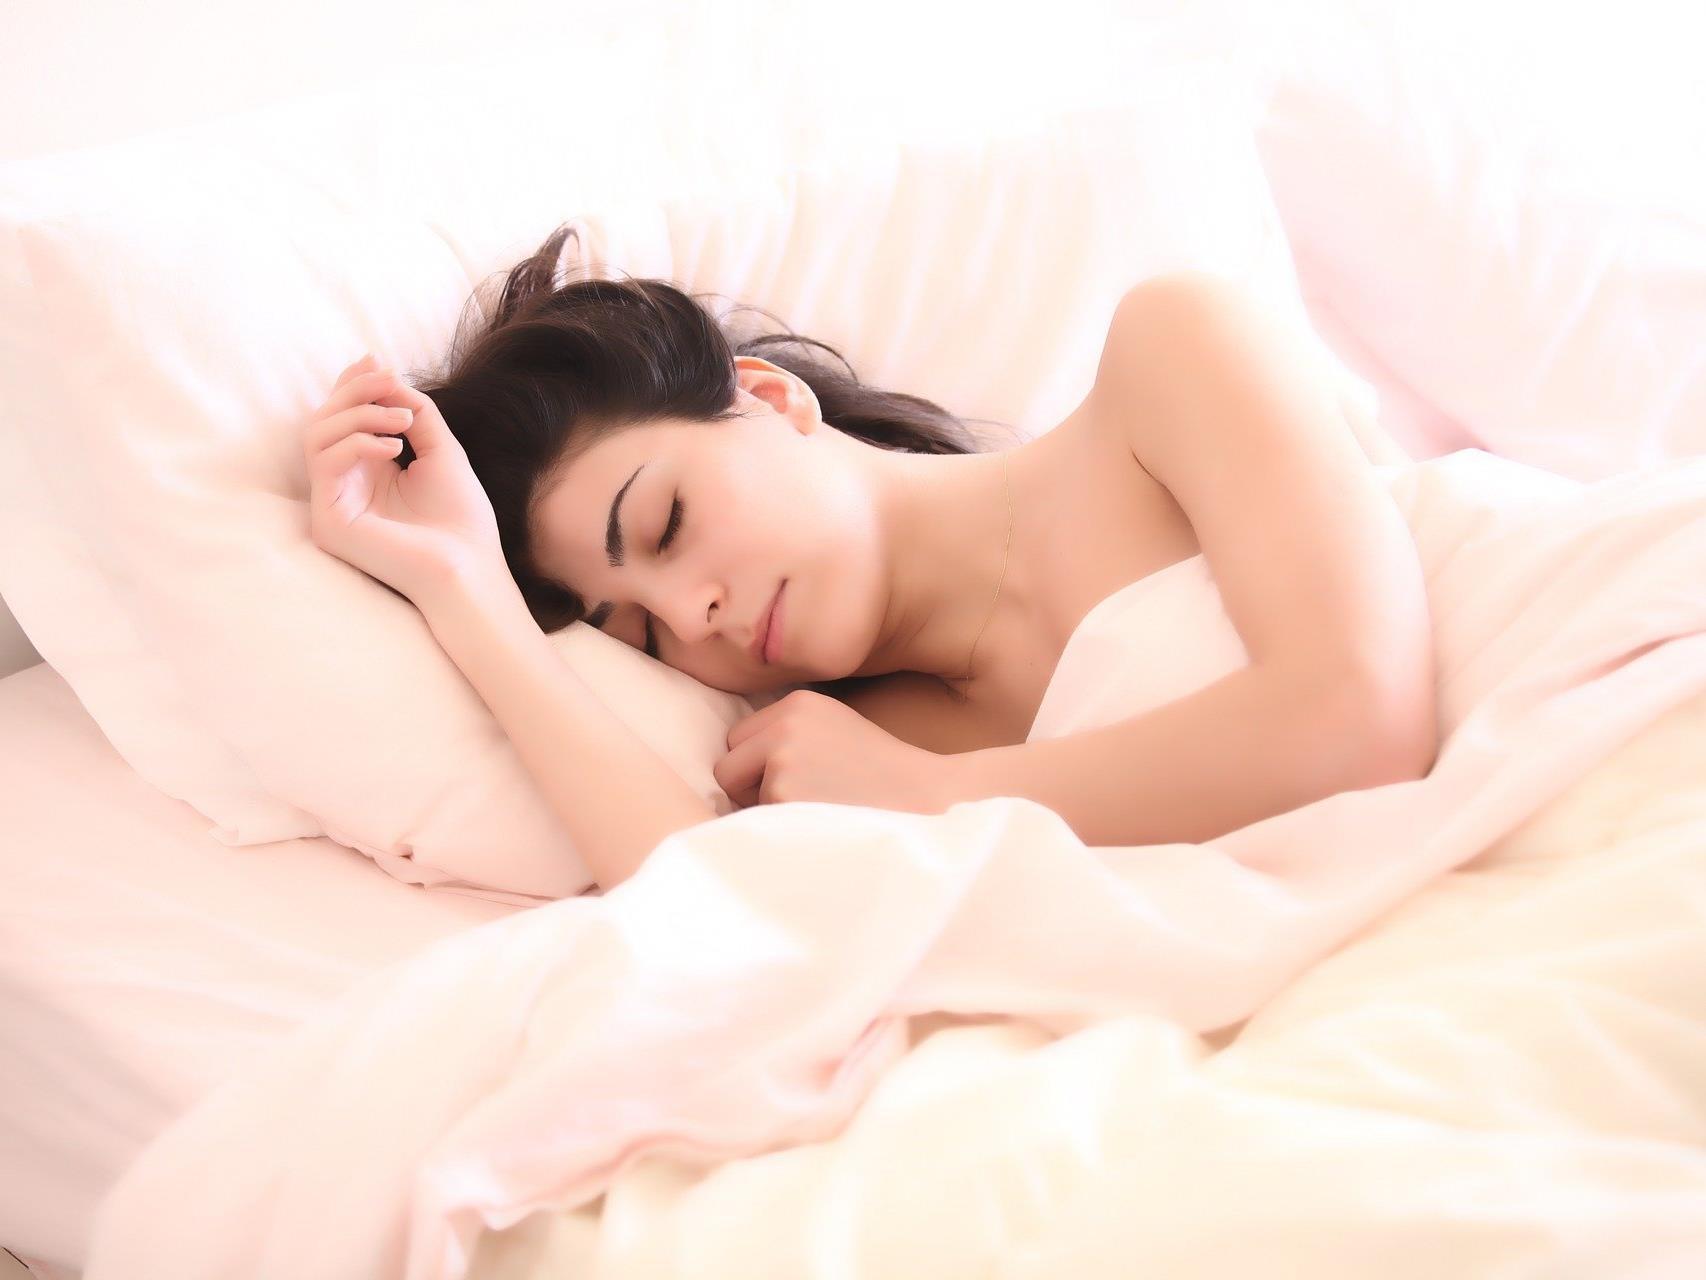 Auch mit wenigen Stunden Schlaf kann man sich fit fühlen.